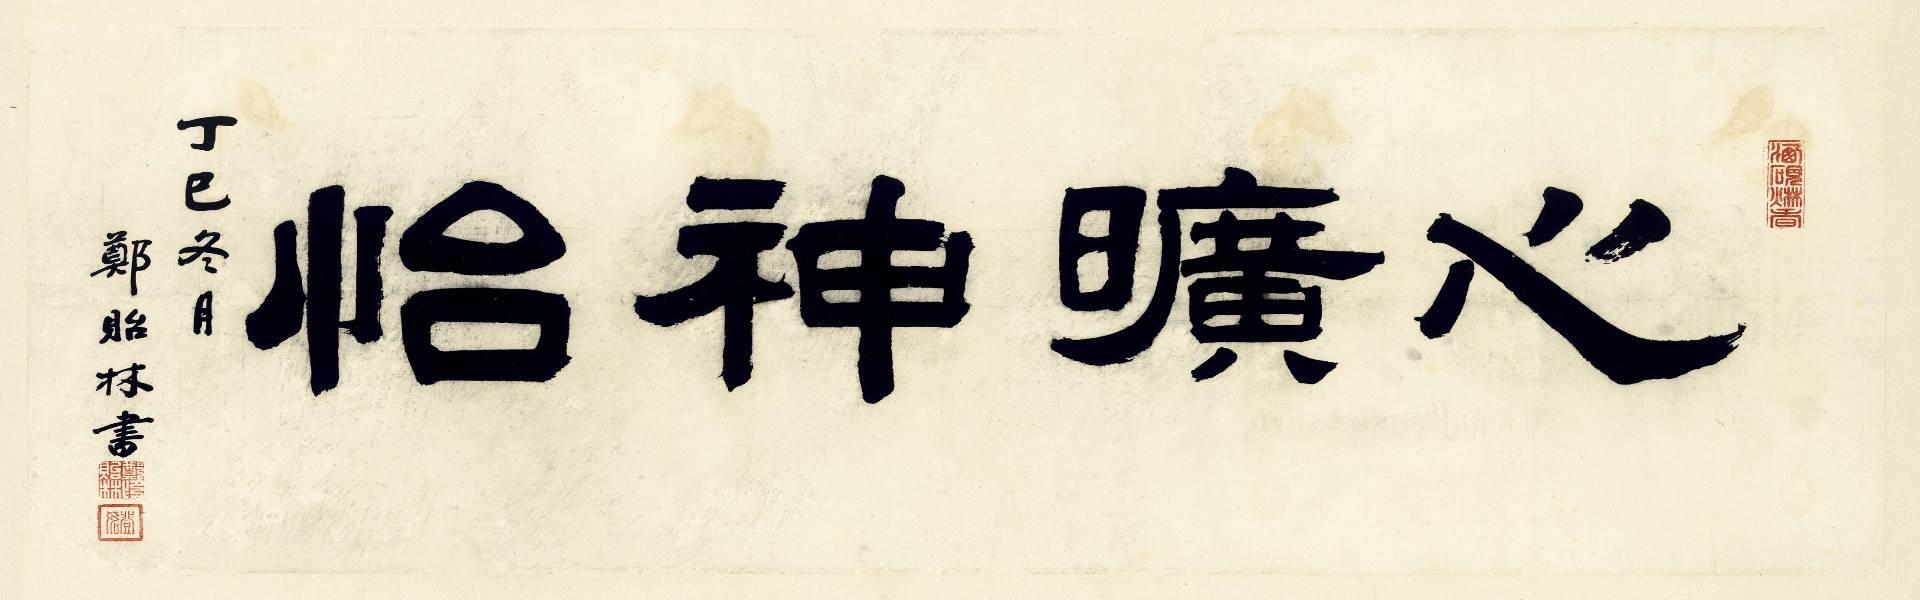 從線條到網絡︰陳澄波書畫收藏展「另開新視窗」